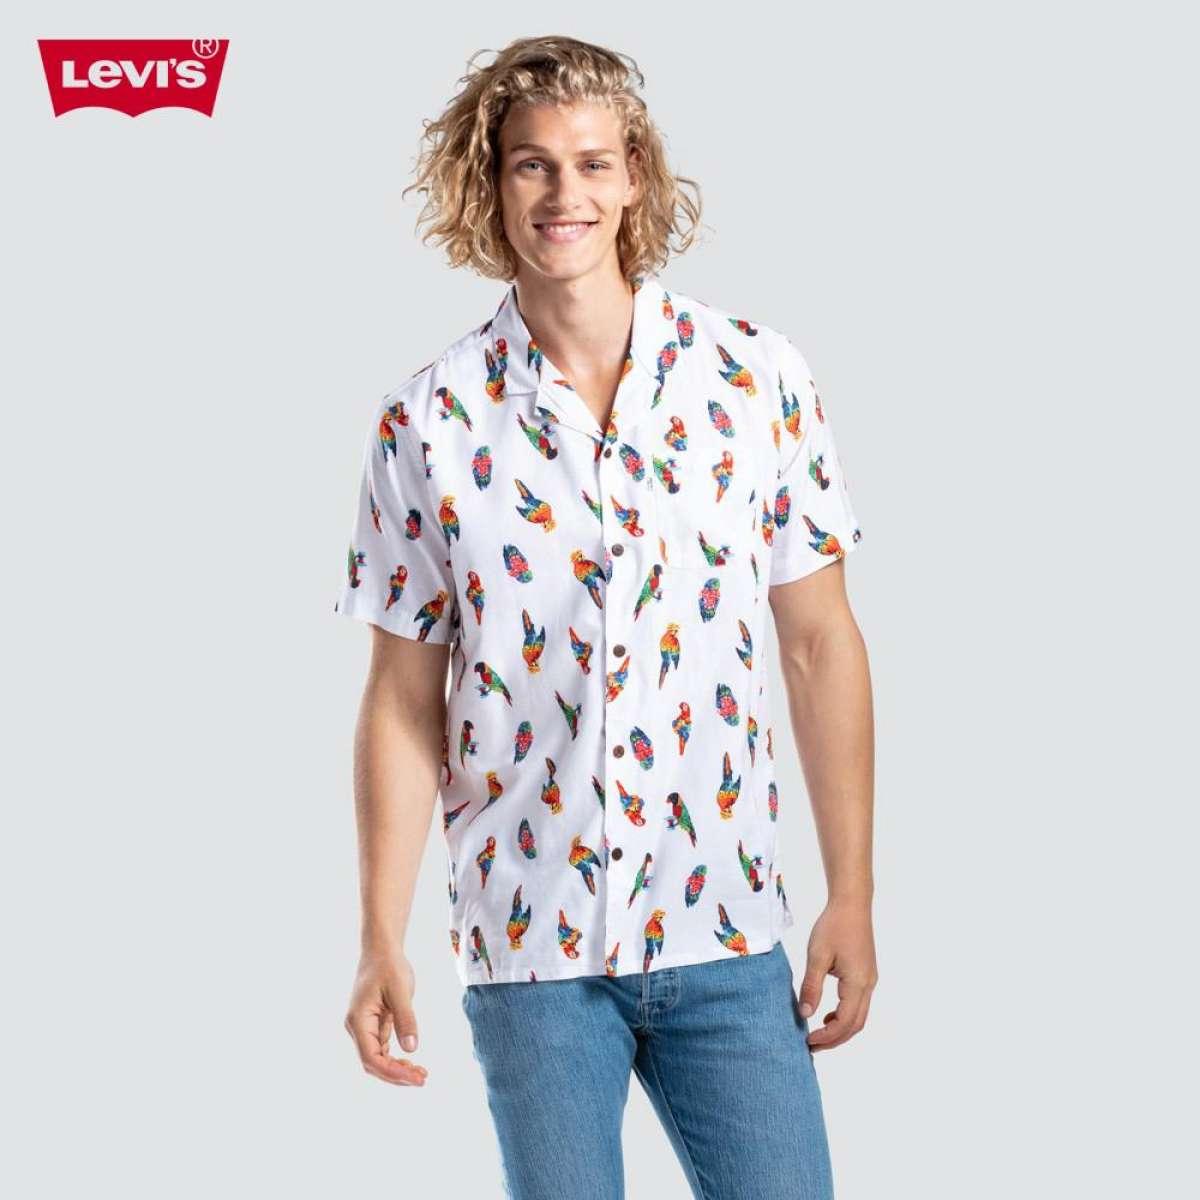 LEVIS ÁO SƠ MI NAM TAY NGẮN HỌA TIẾT NHIỆT ĐỚI DÁNG SUÔNG TRẺ TRUNG - Camper Shirt / 21976-0006